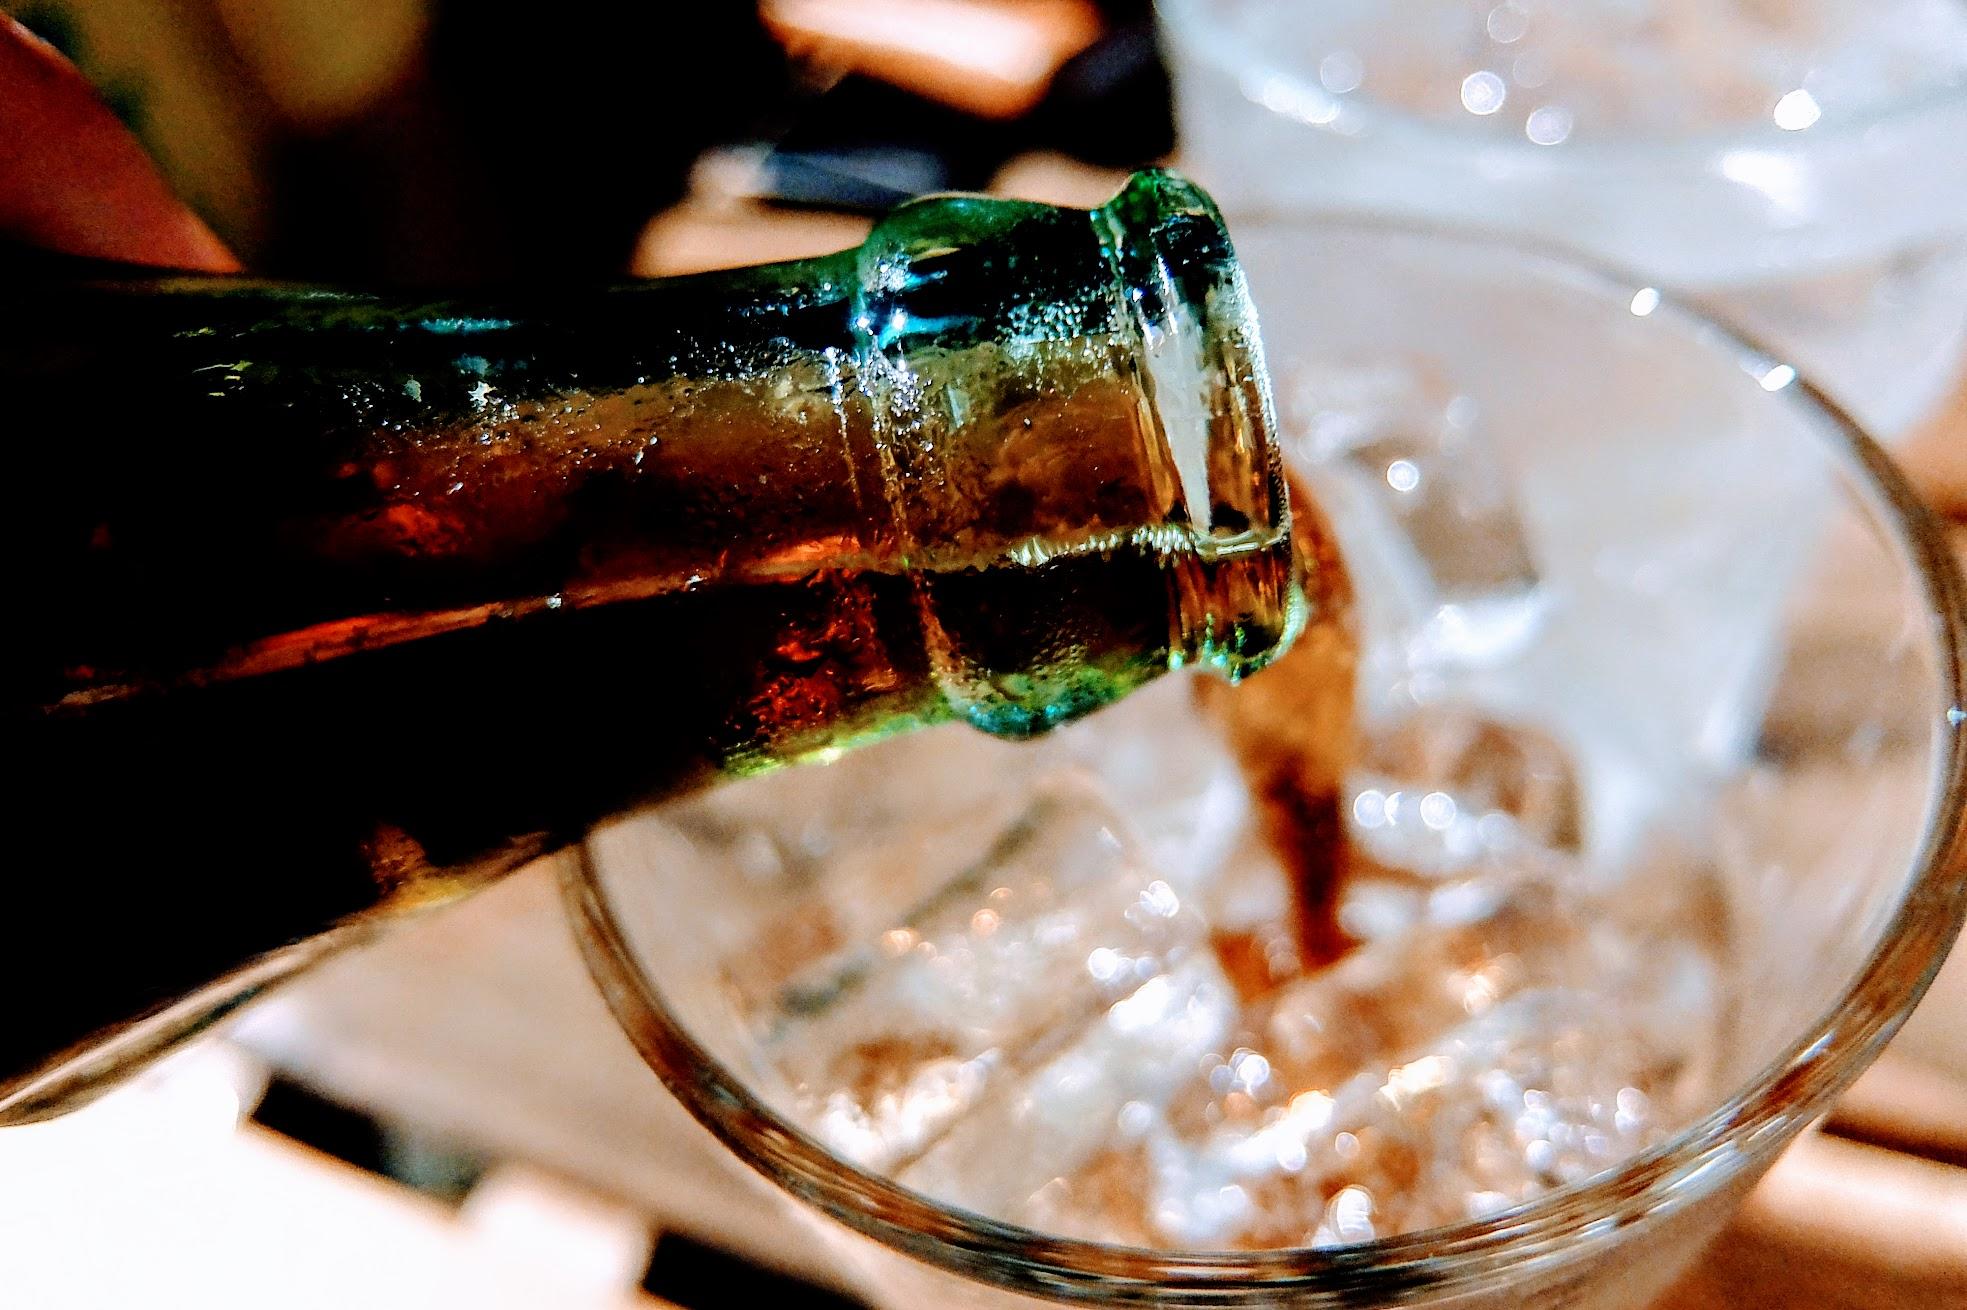 飲料可以自行倒入放滿冰塊的杯子內,只是這樣做氣泡一下子就跑掉,又稀釋的很快,到最後就是直接拿瓶子喝...